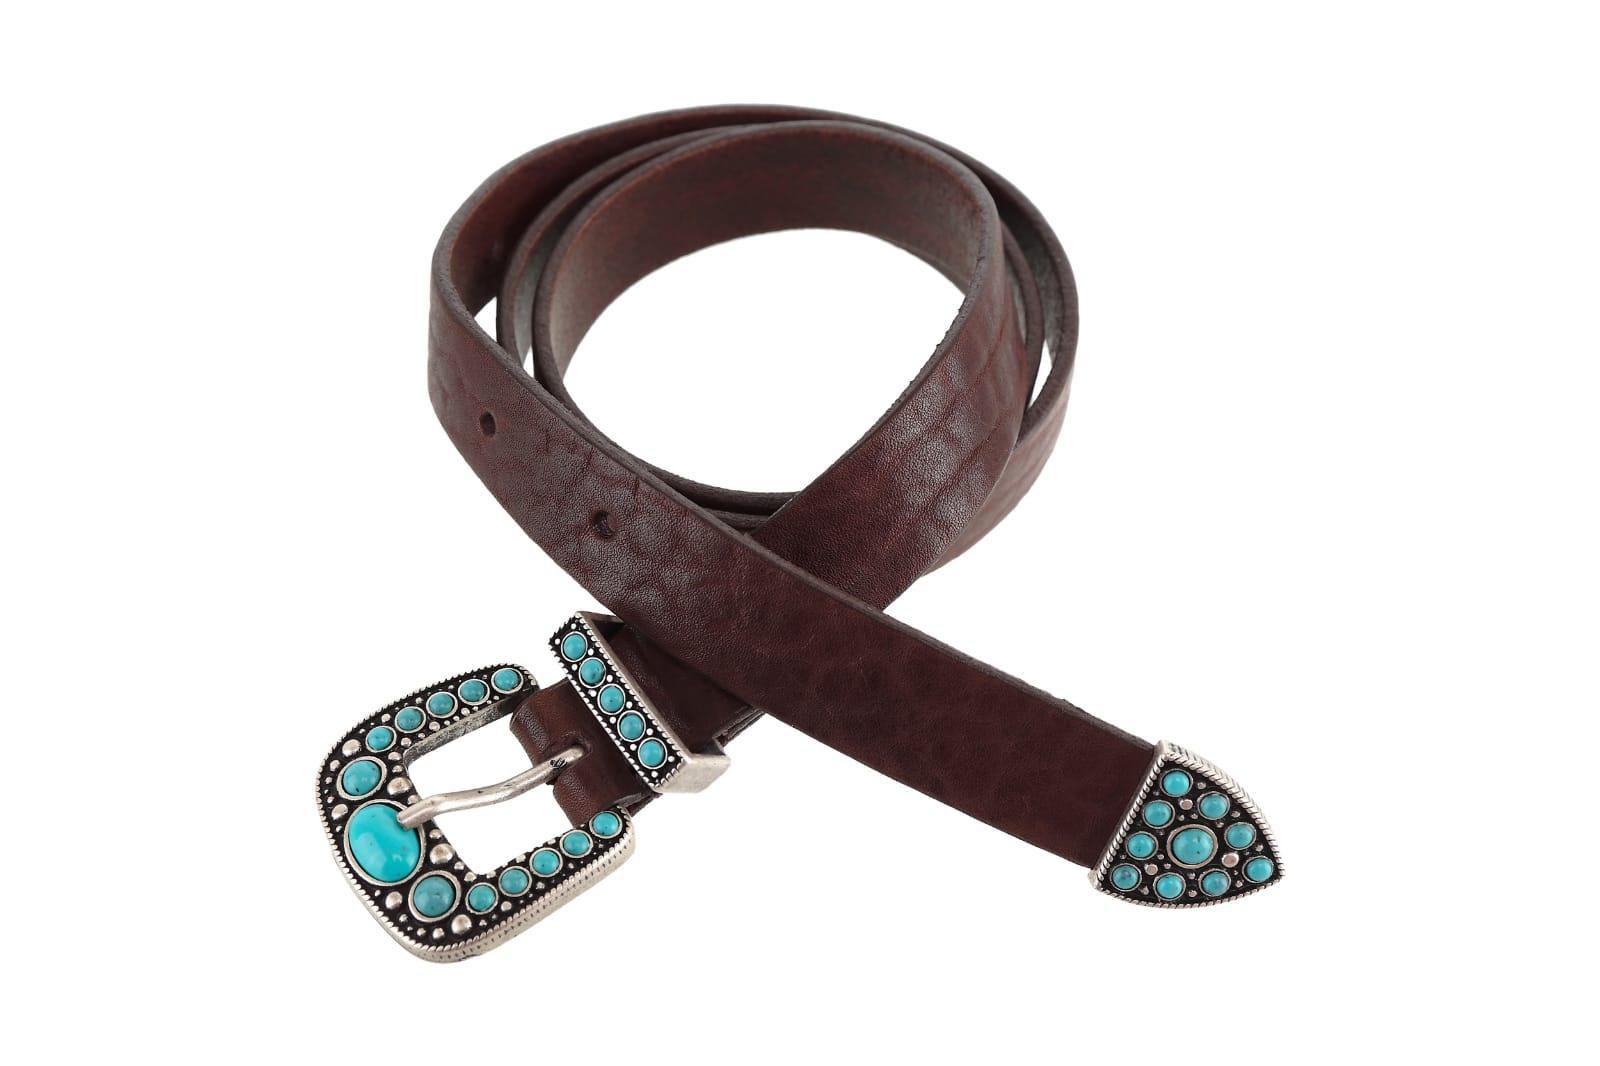 Cinturón hebilla turquesa